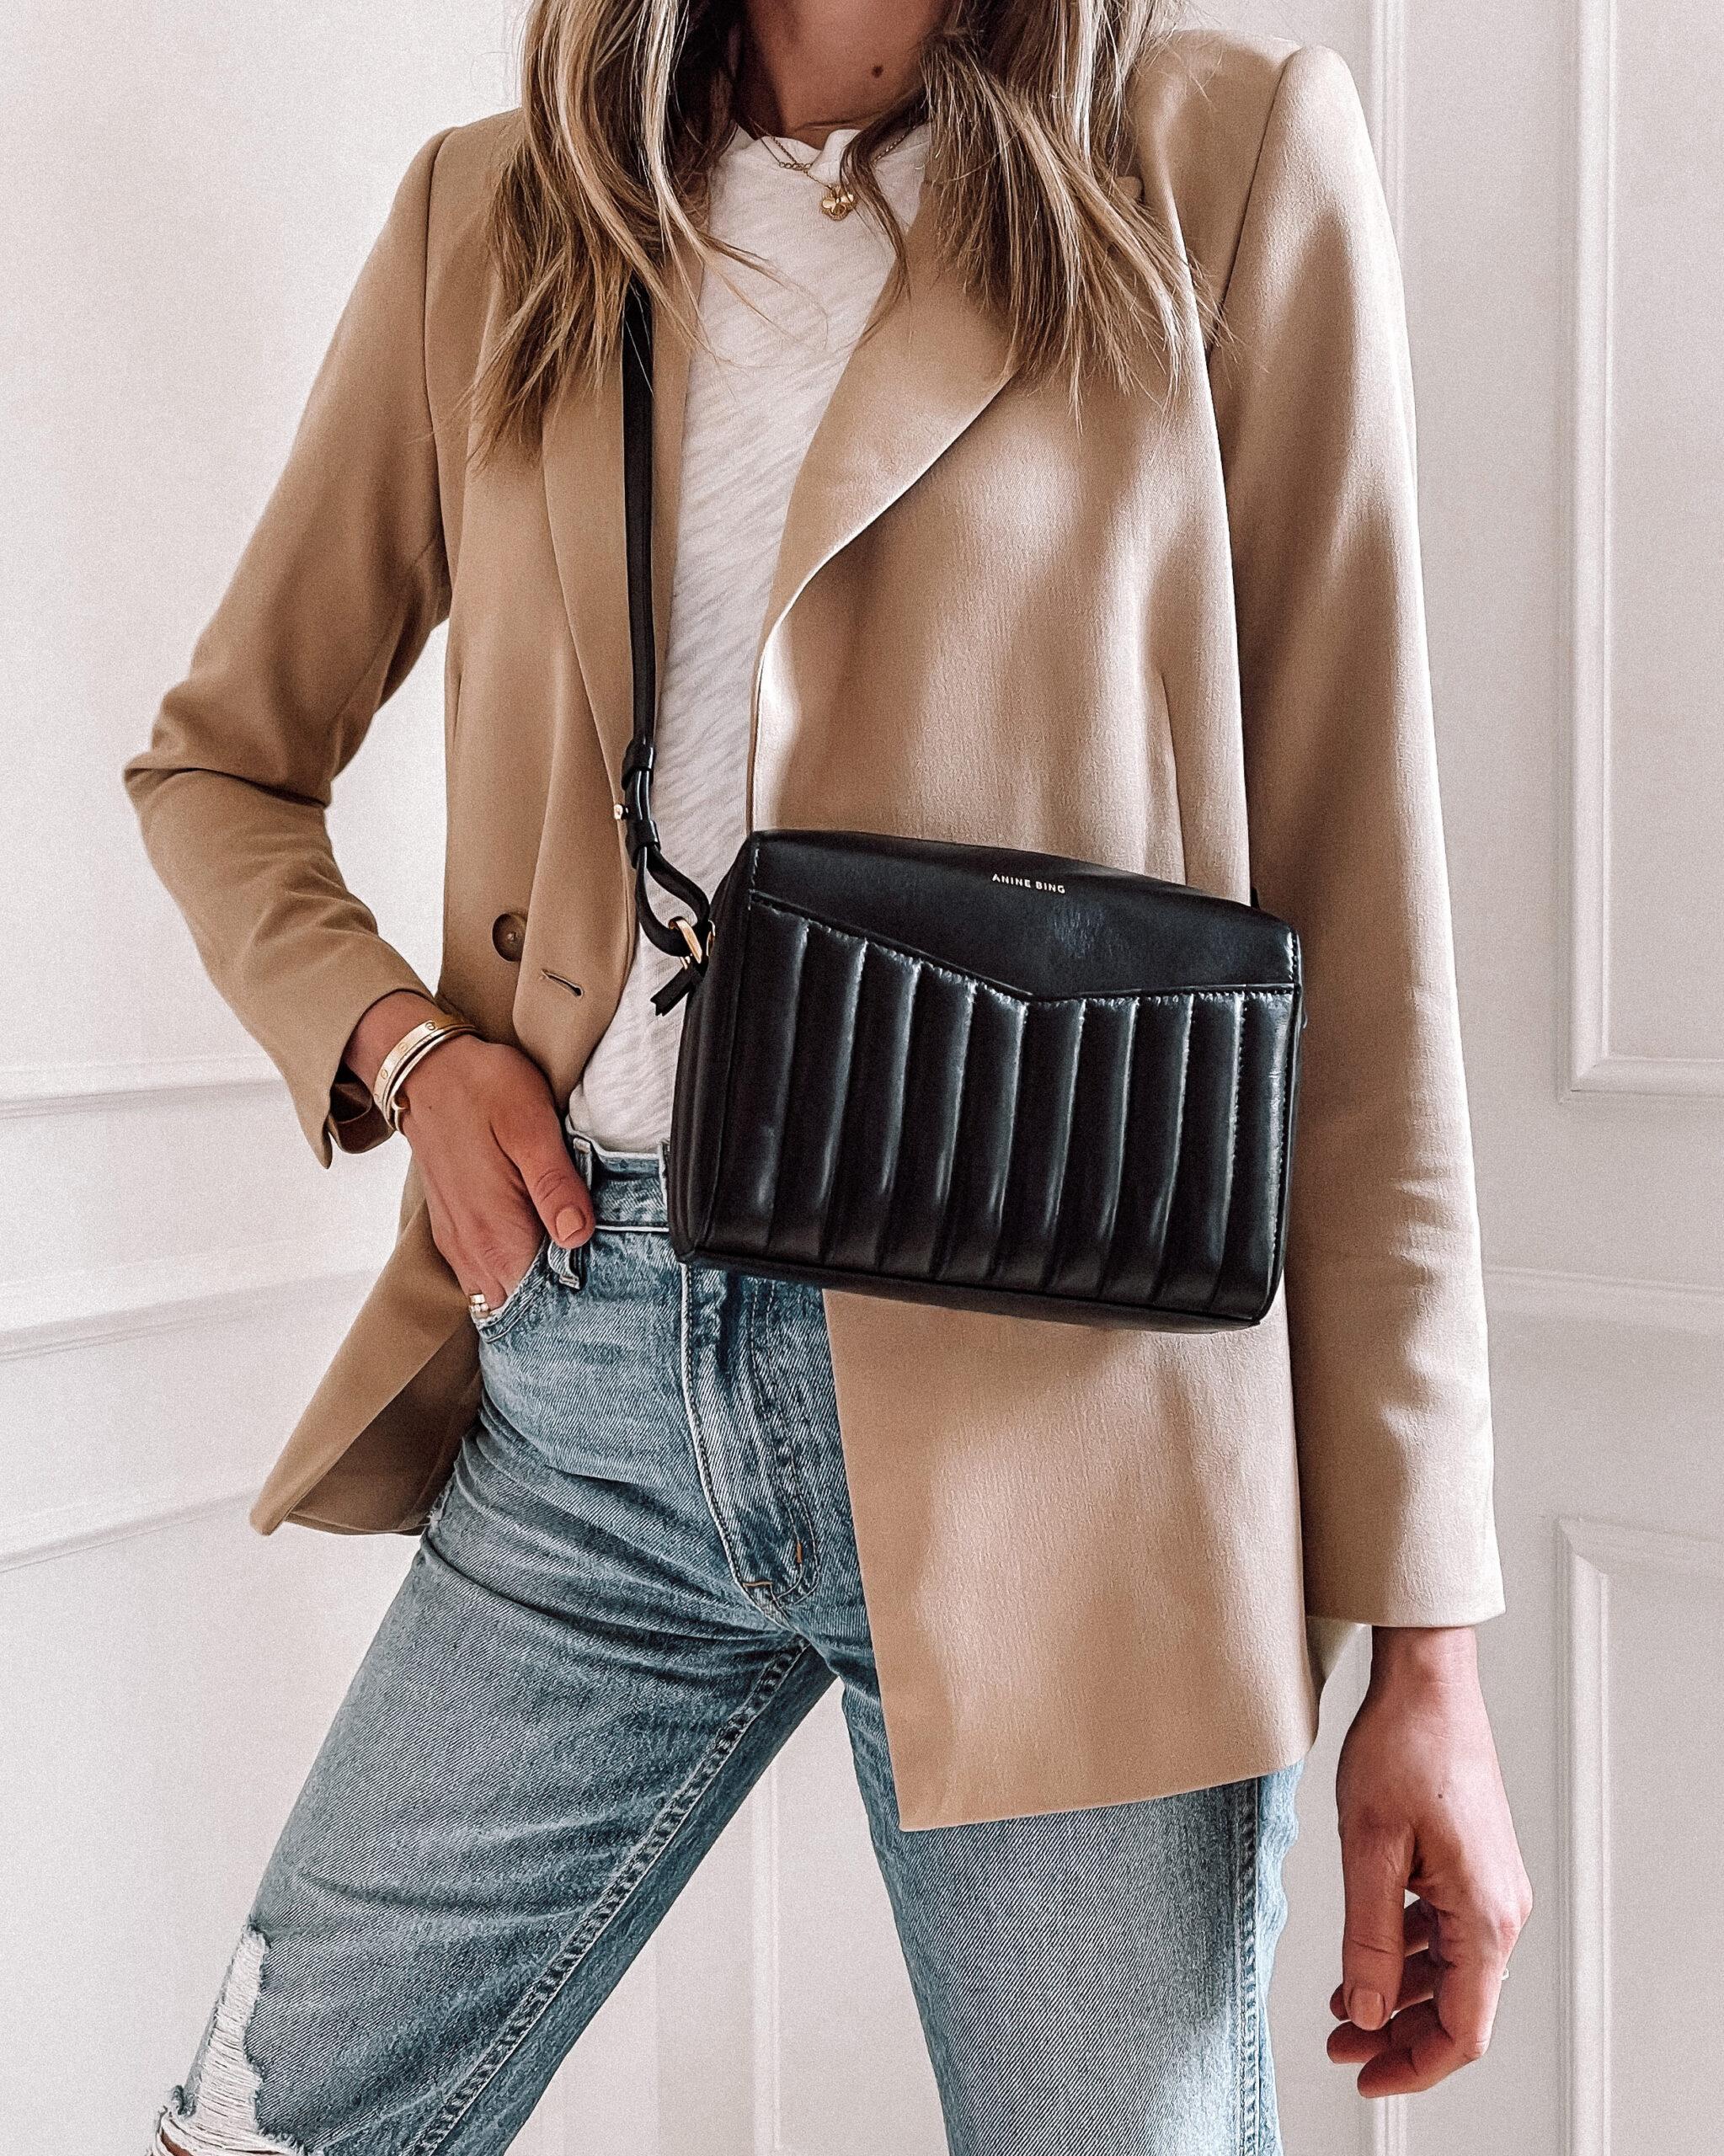 Fashion Jackson Wearing Anine Bing Ellis Bag Black Tan Blazer White Tshirt Ripped Jeans designer bags under 1000